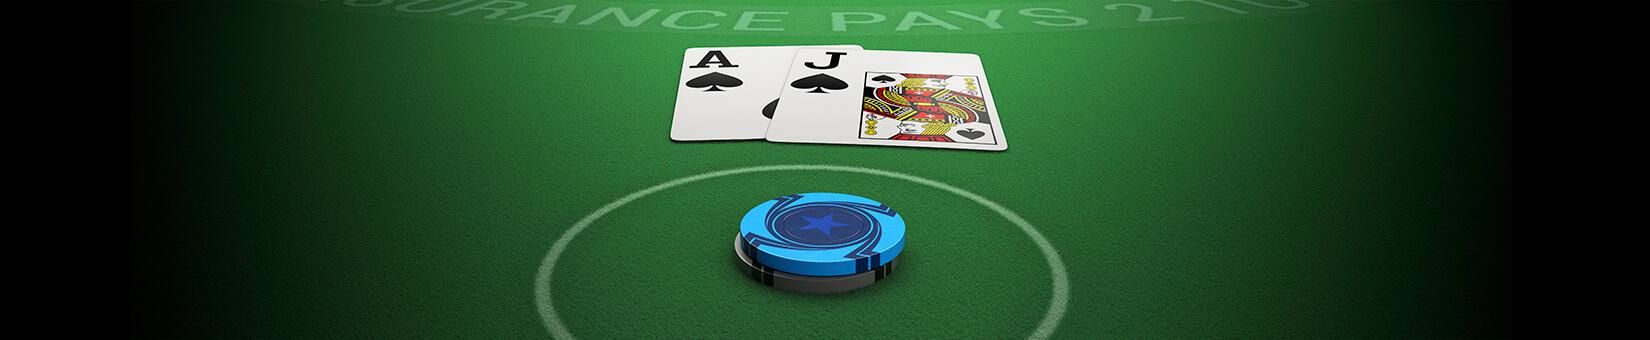 бездепозитный бонус за регистрацию в онлайн казино без отыгрыша